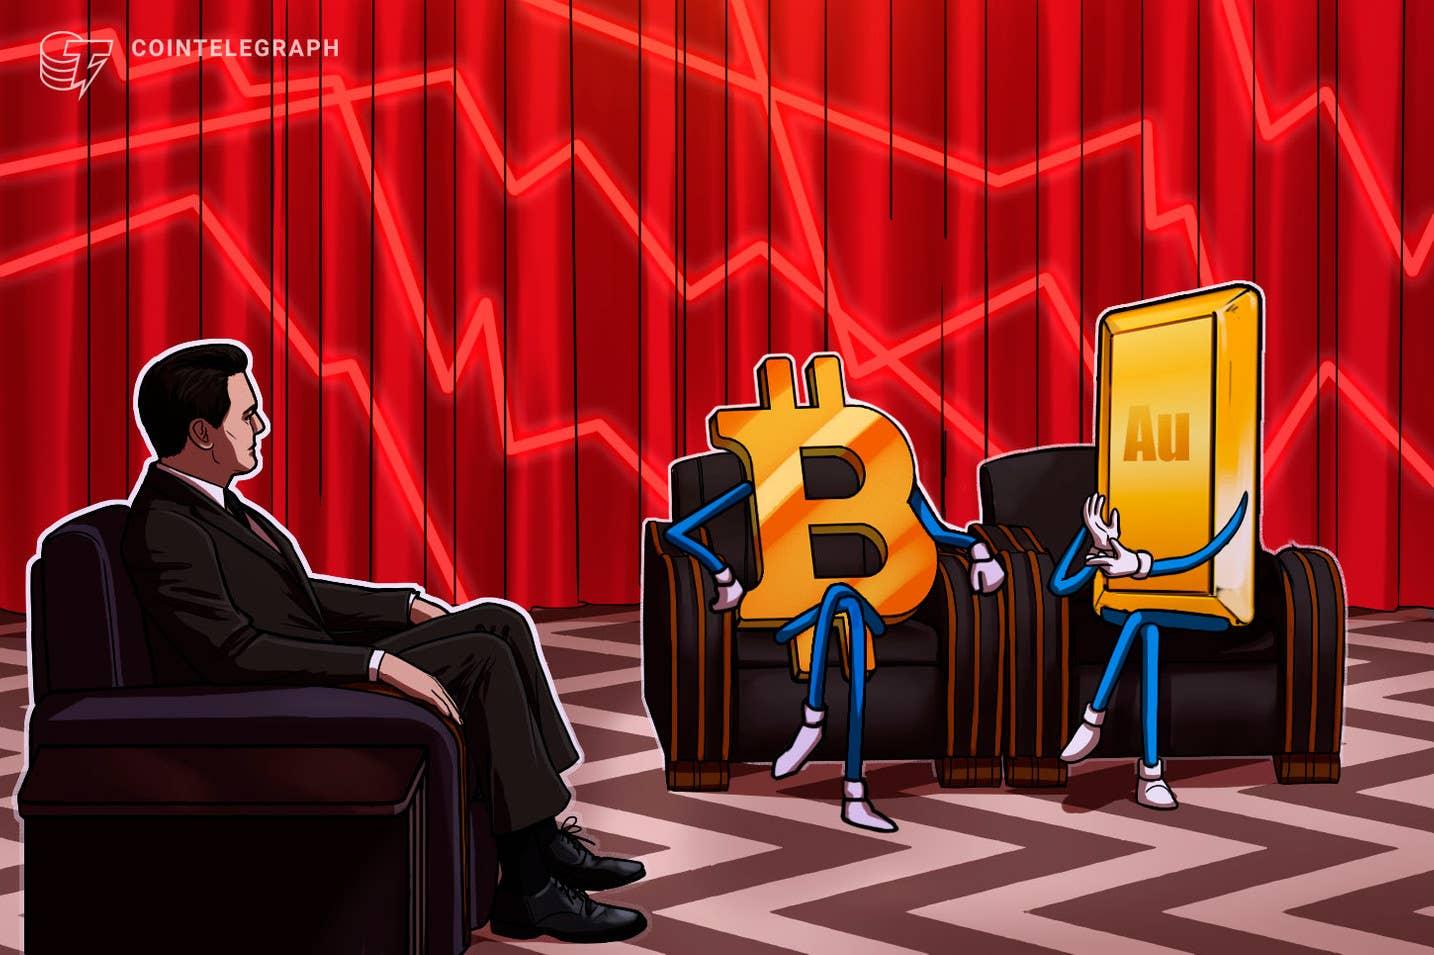 dominanza btc bitcoin cap bitcoin